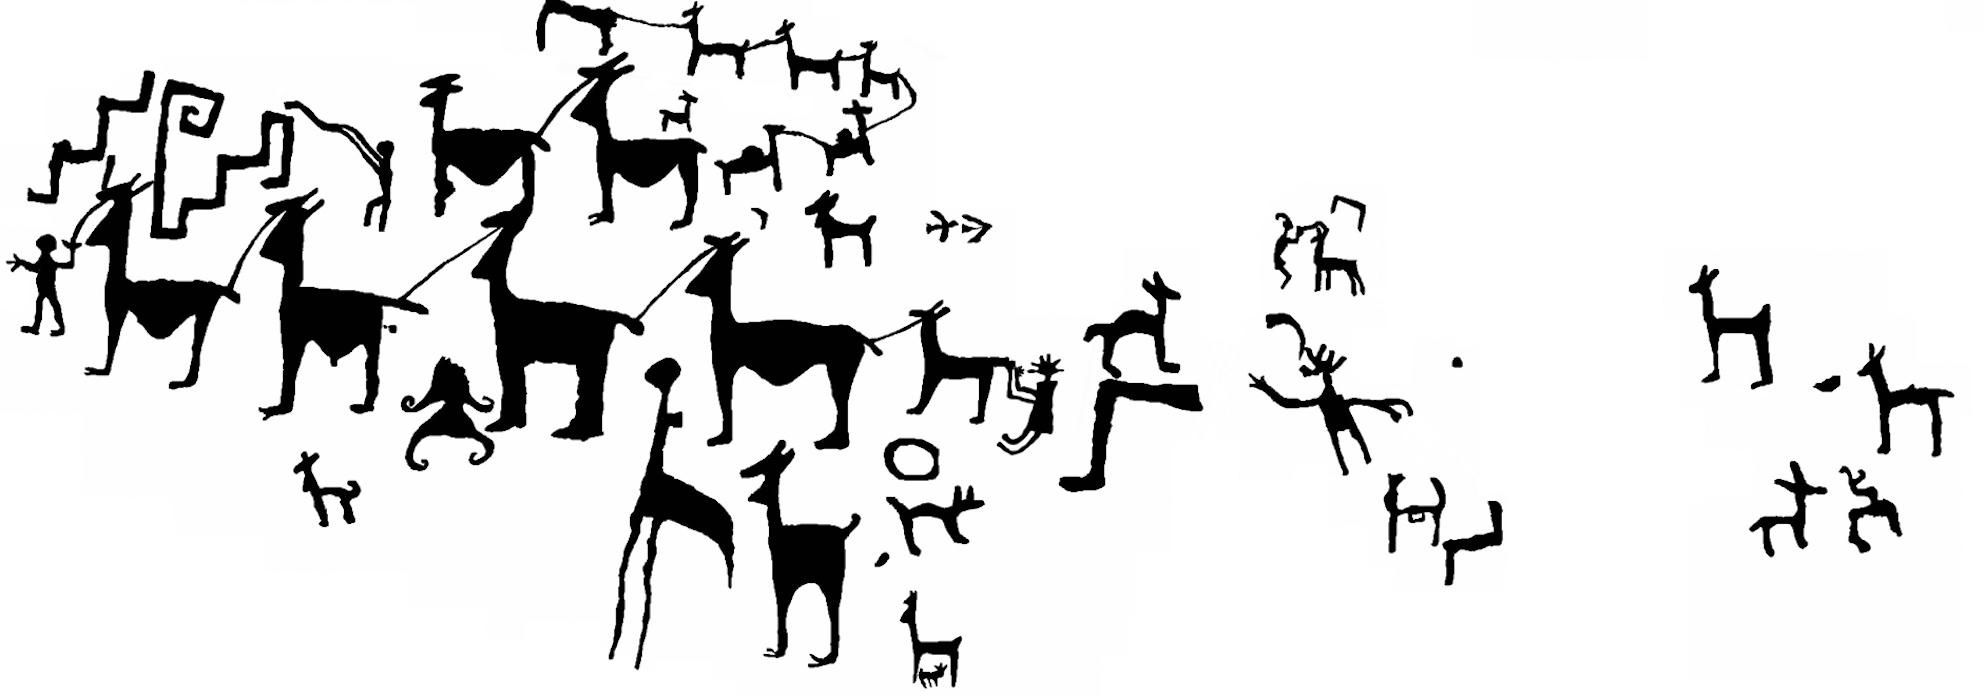 Troupeau de lamas, pétroglyphe chicha (Bolivie), dessin de Françoise Fauconnier.